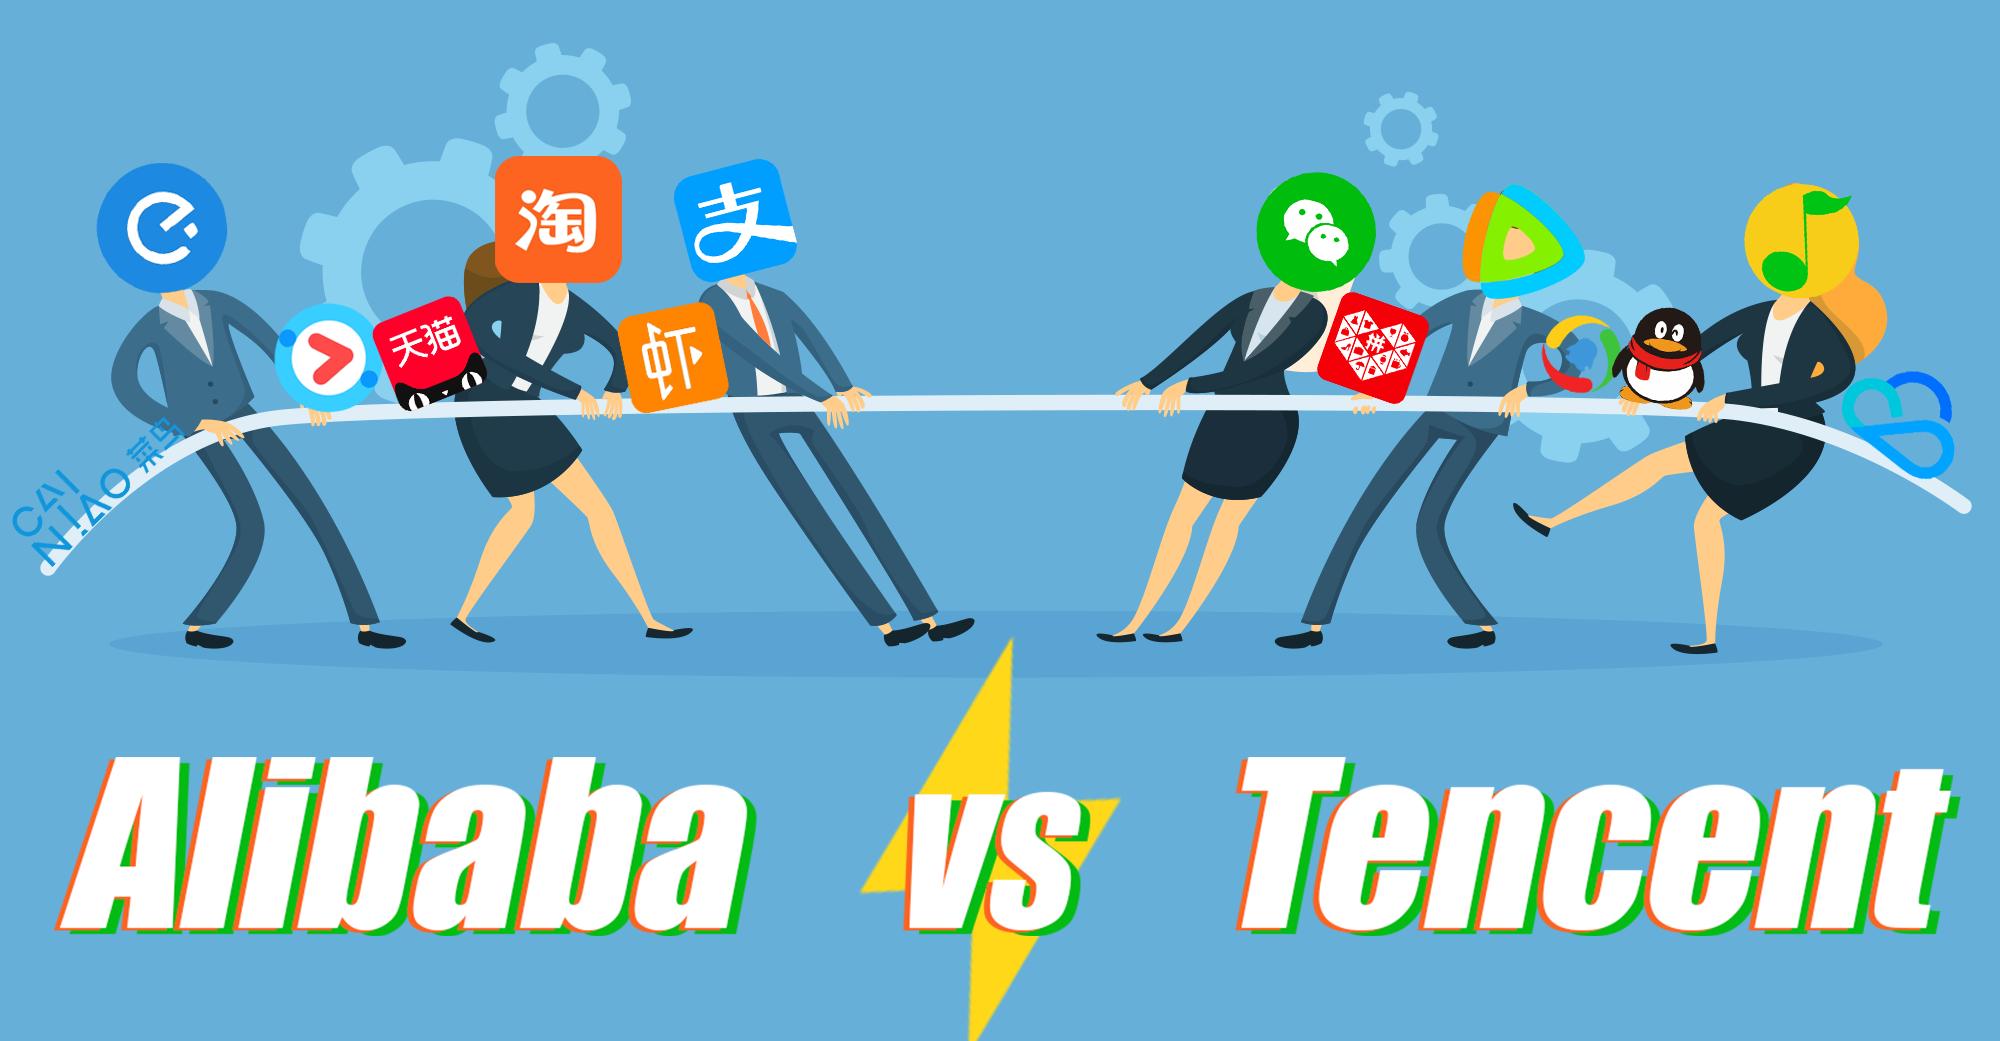 Власти Китая потребовали отAlibaba иTencent перестать блокировать сайты друг друга